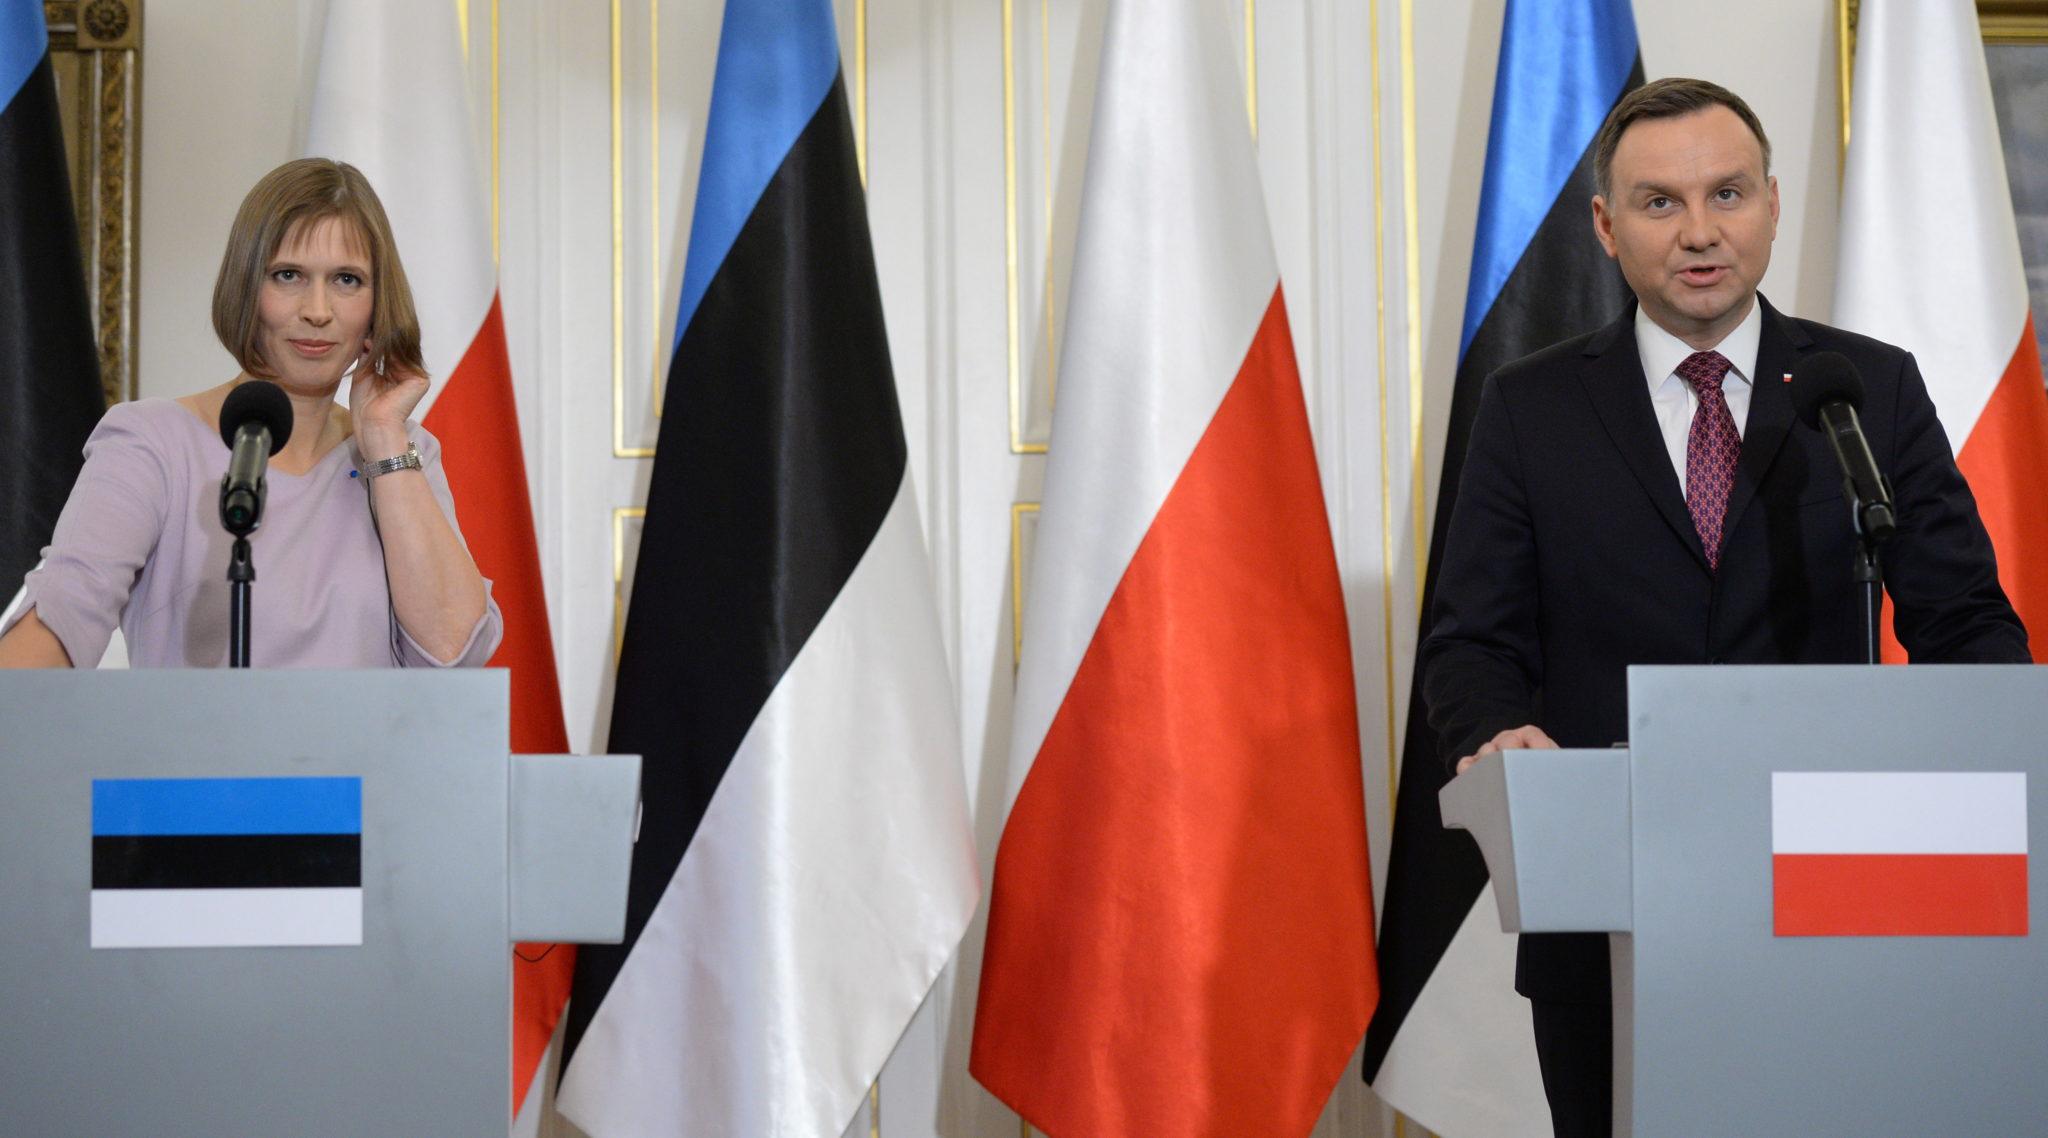 Prezydent Andrzej Duda i nowa prezydent Estonii Kersti Kaljulaid podczas konferencji prasowej po rozmowach plenarnych w Belwederze. Fot. PAP/Jacek Turczyk